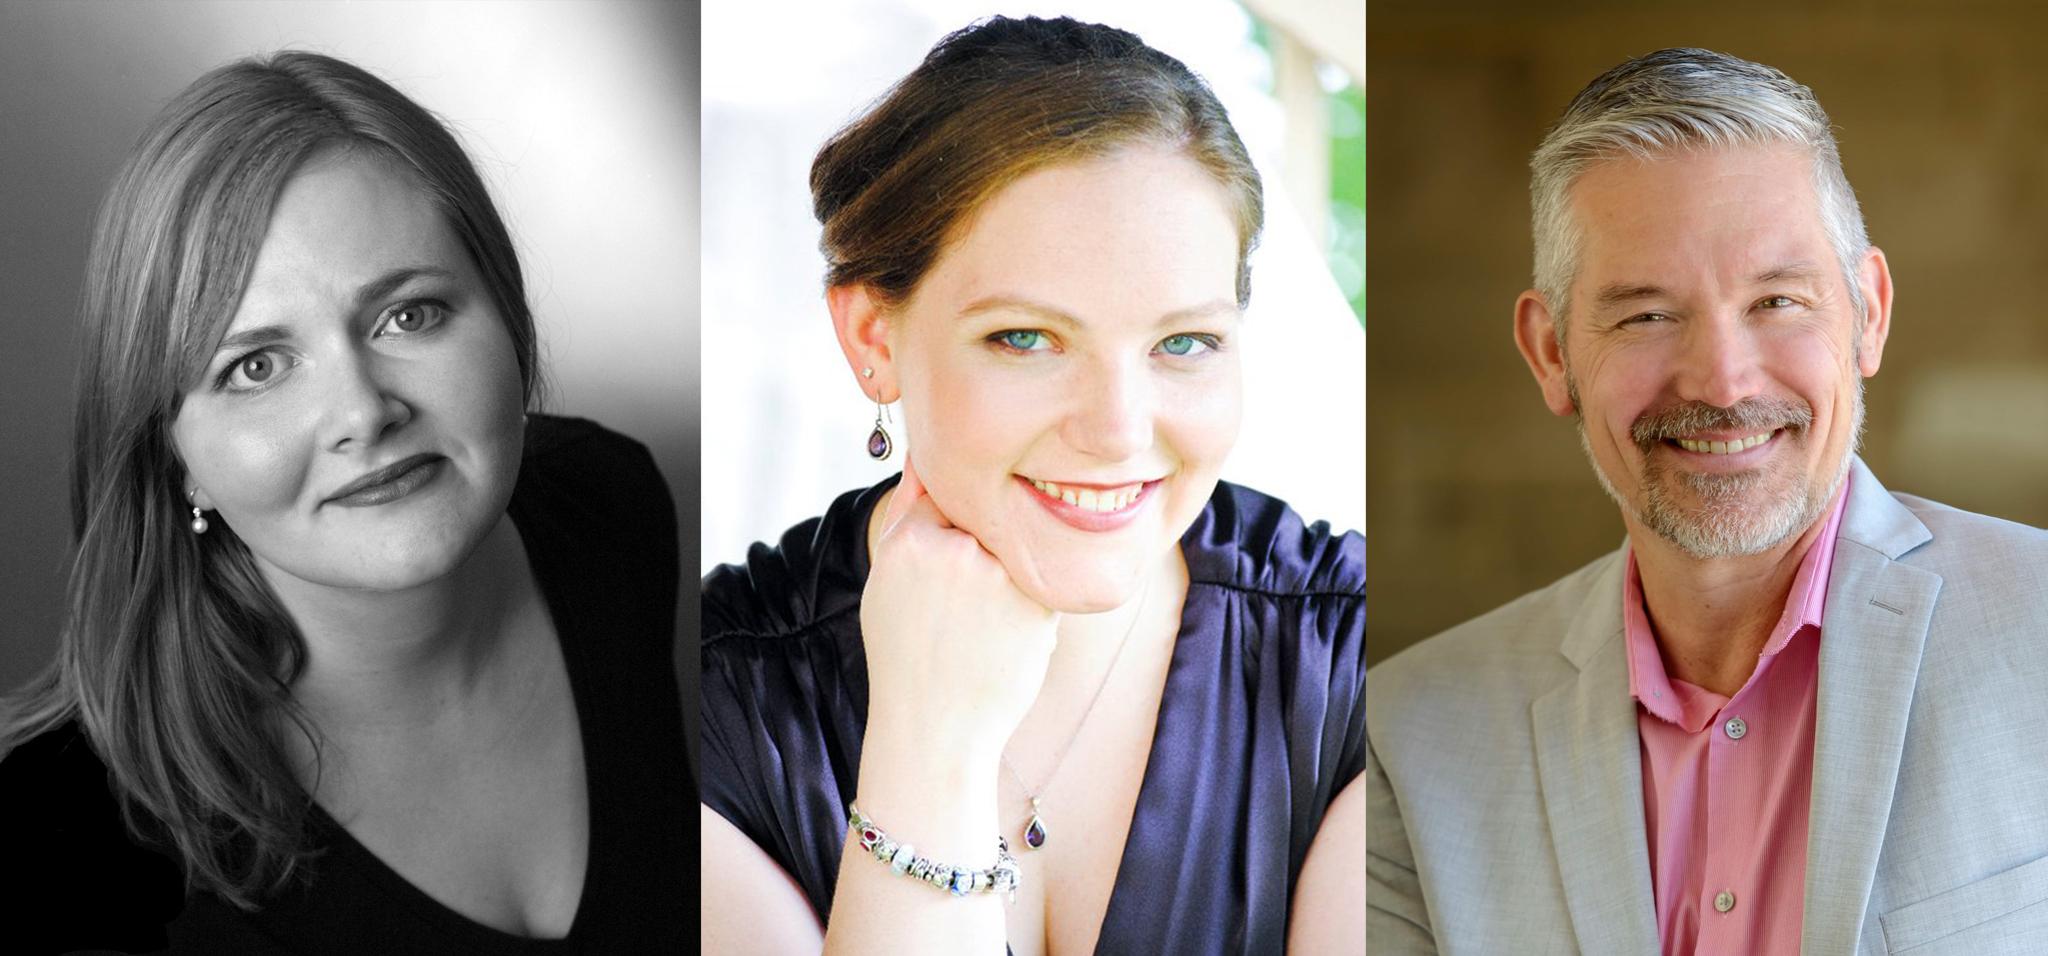 Debra Hillabrand, mezzo soprano, Leslie Mallory, soprano, Bill Stein, organ